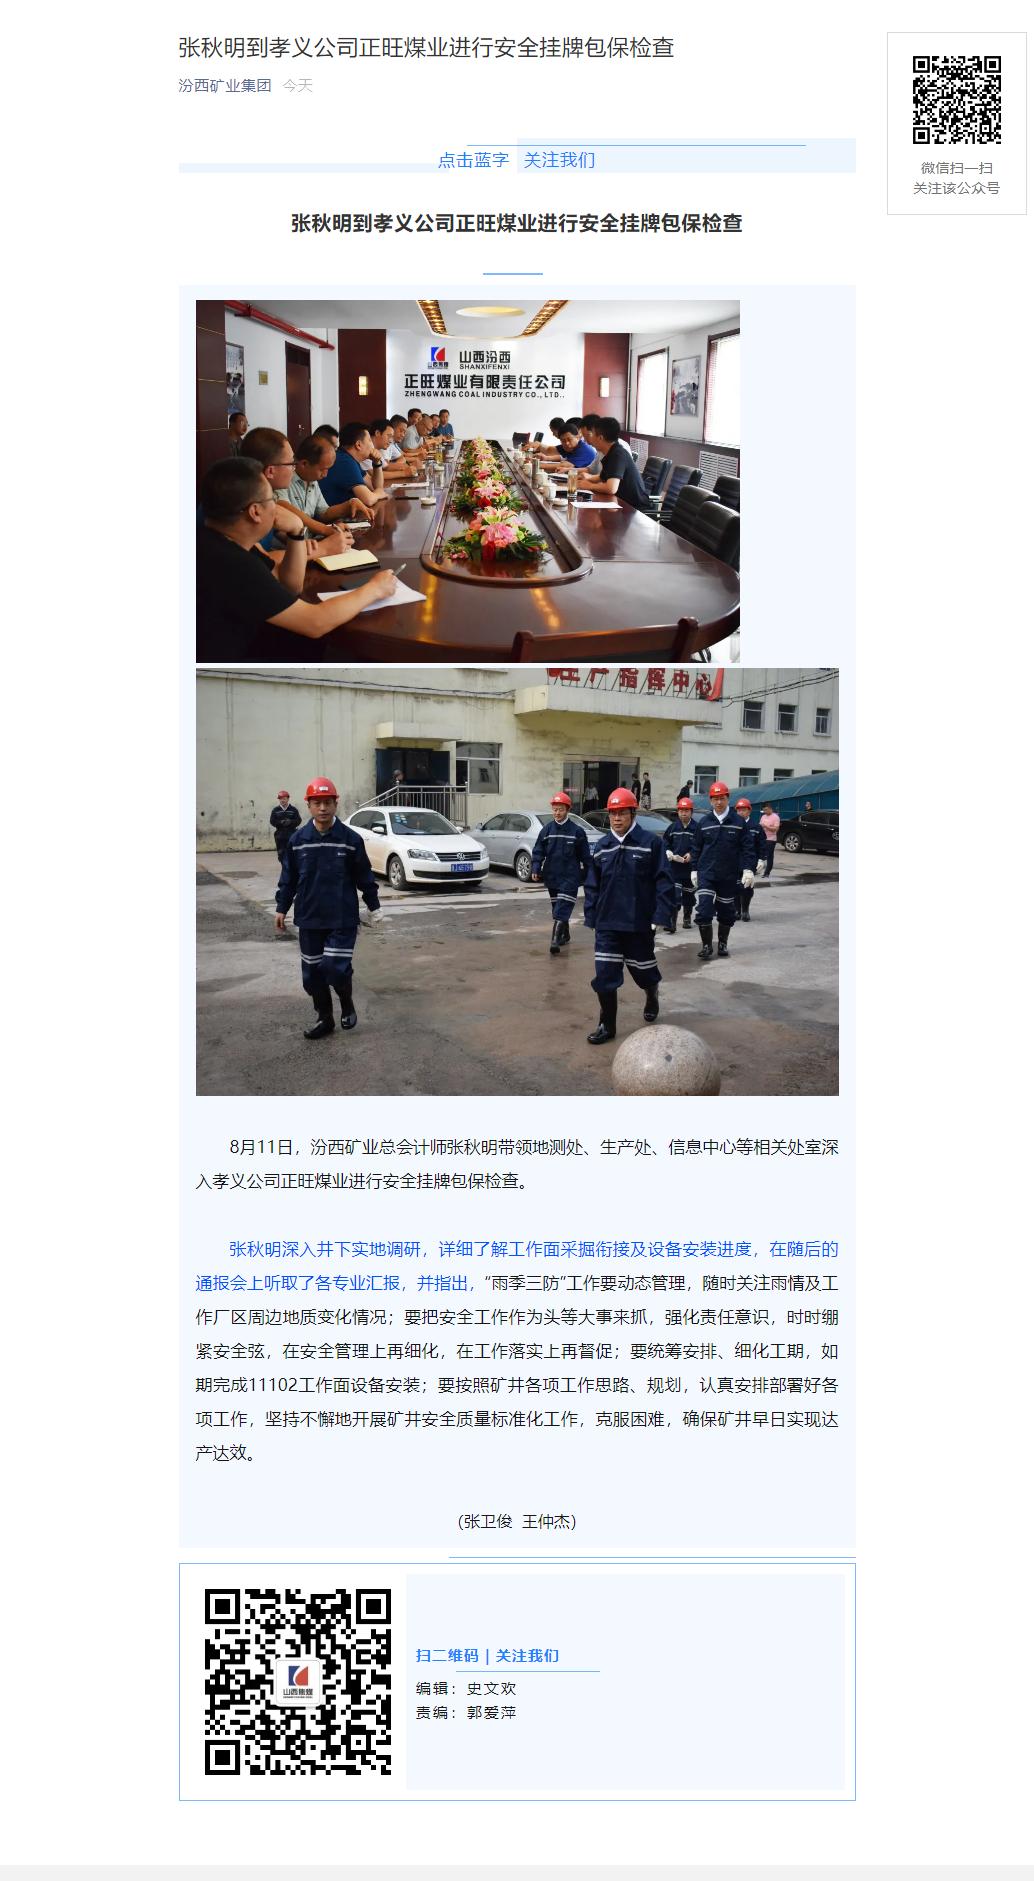 张秋明到孝义公司正旺煤业进行安全挂牌包保检查.png